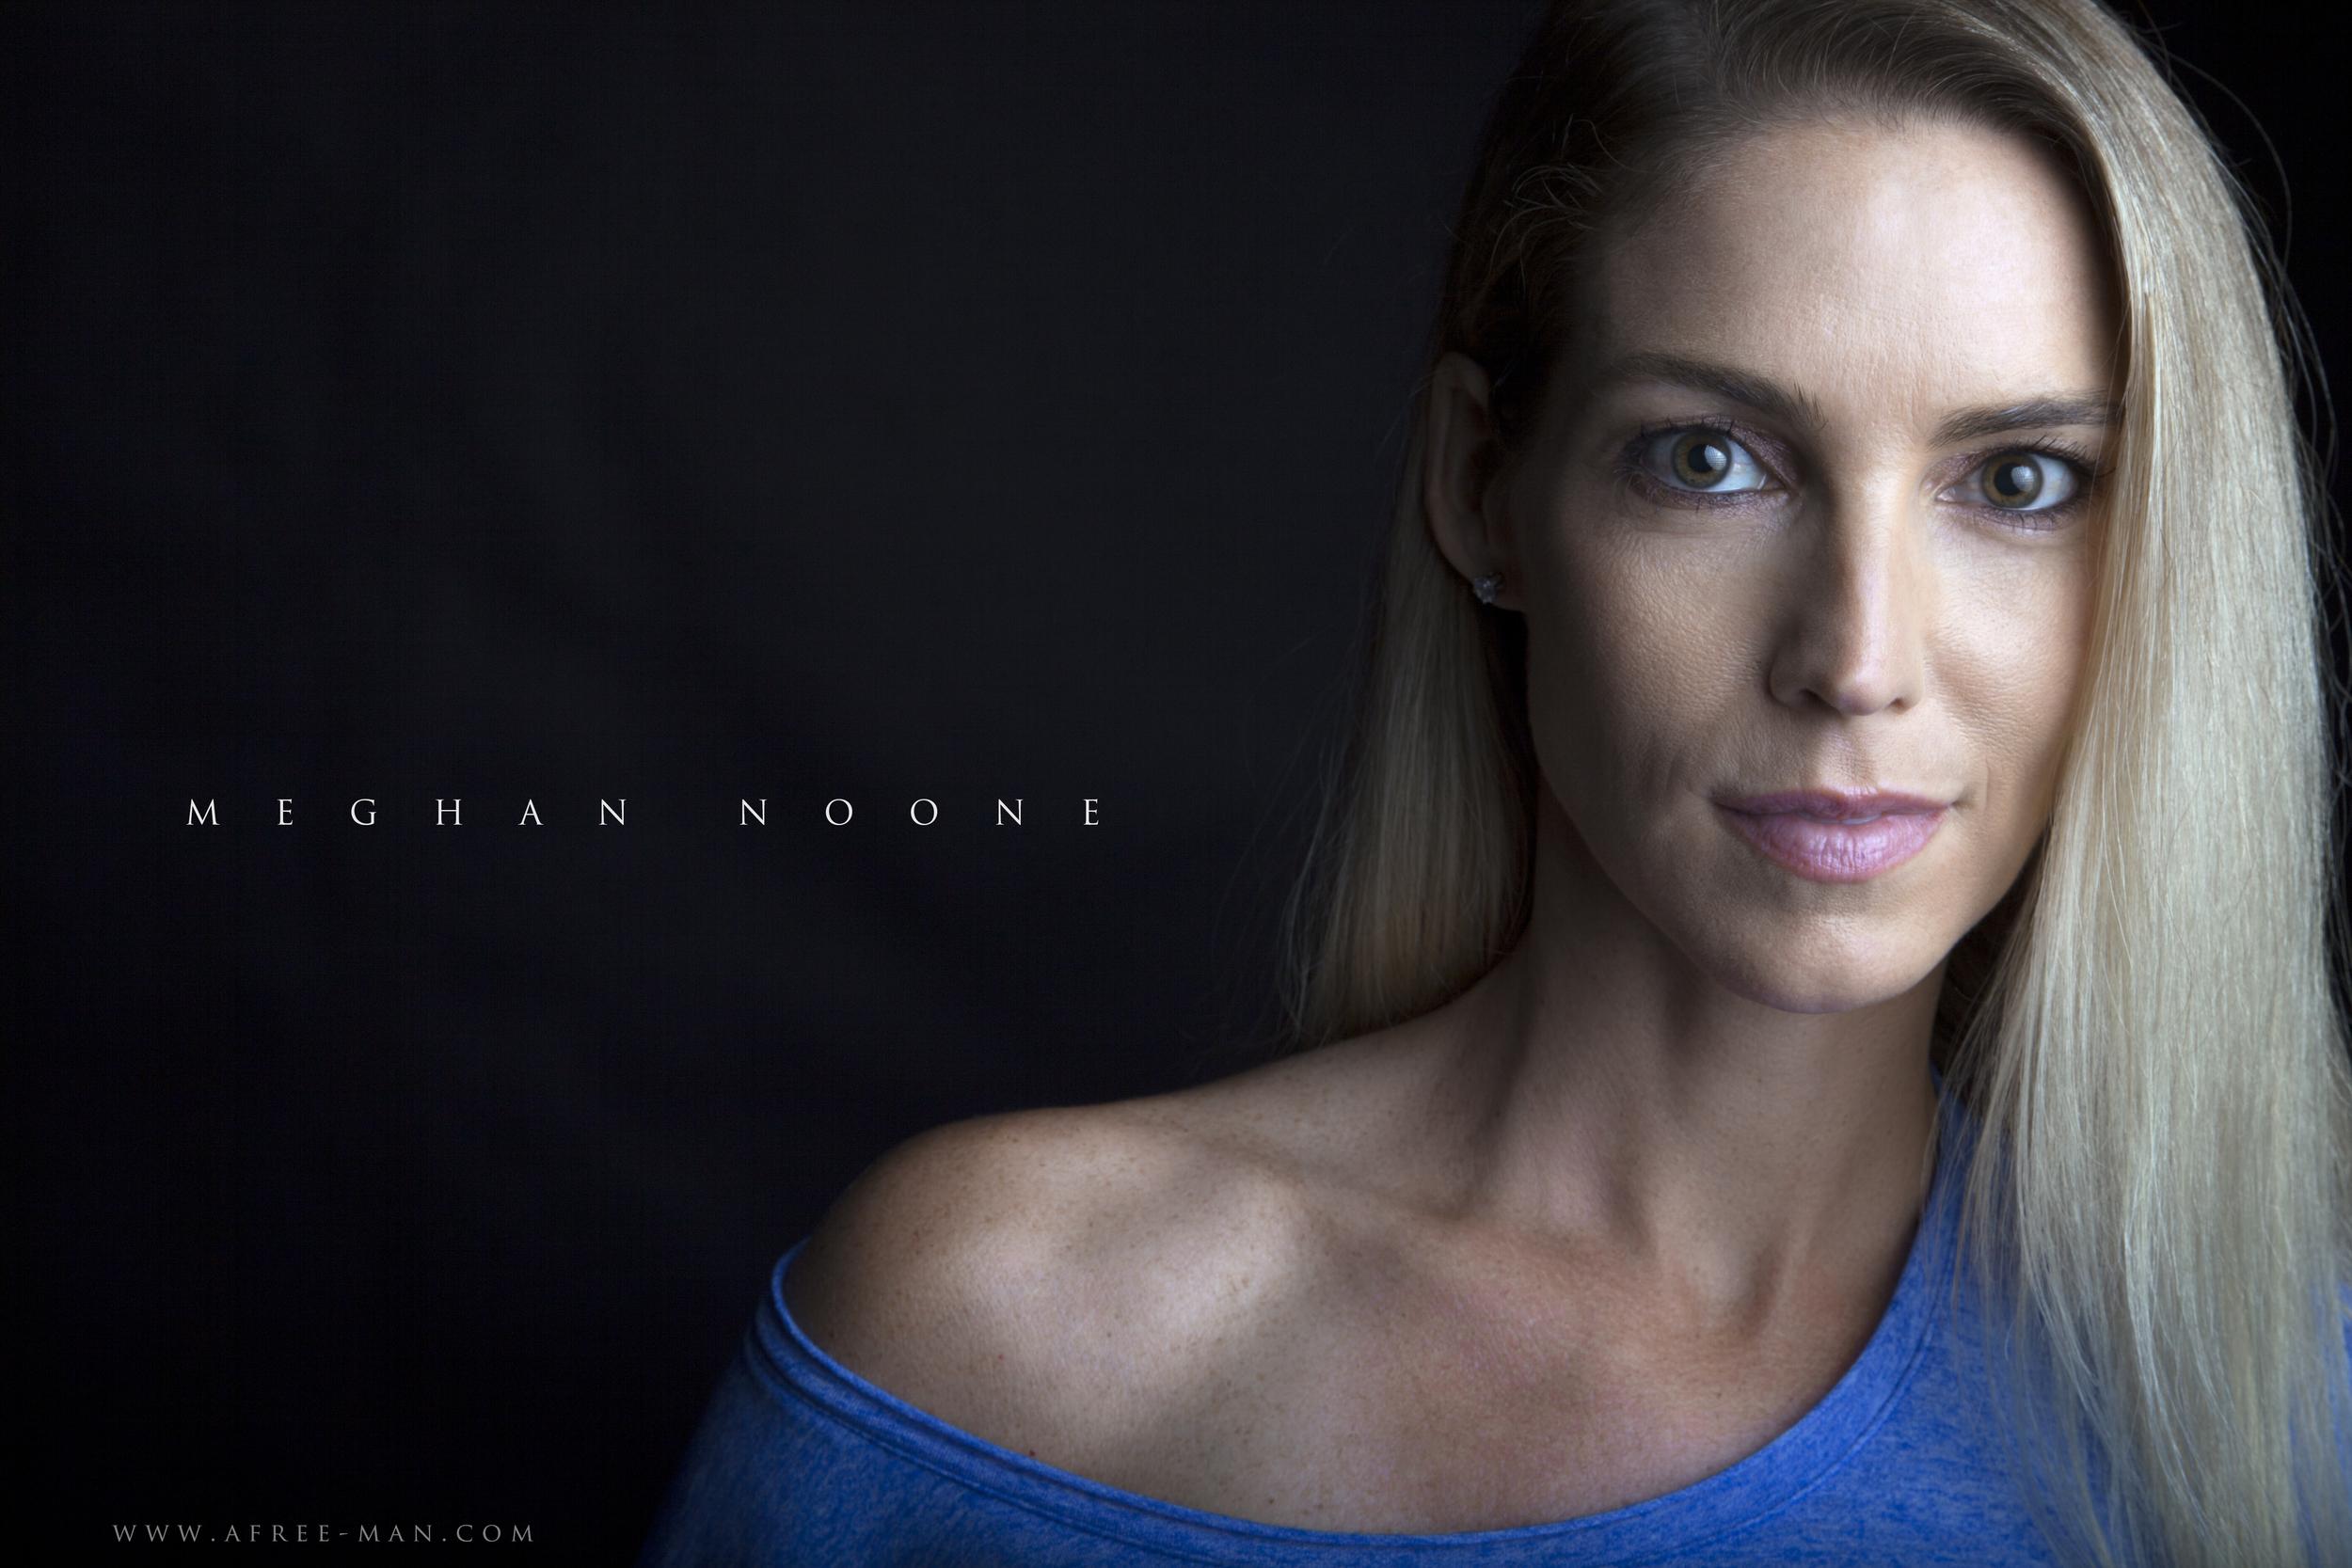 Meghan Noone